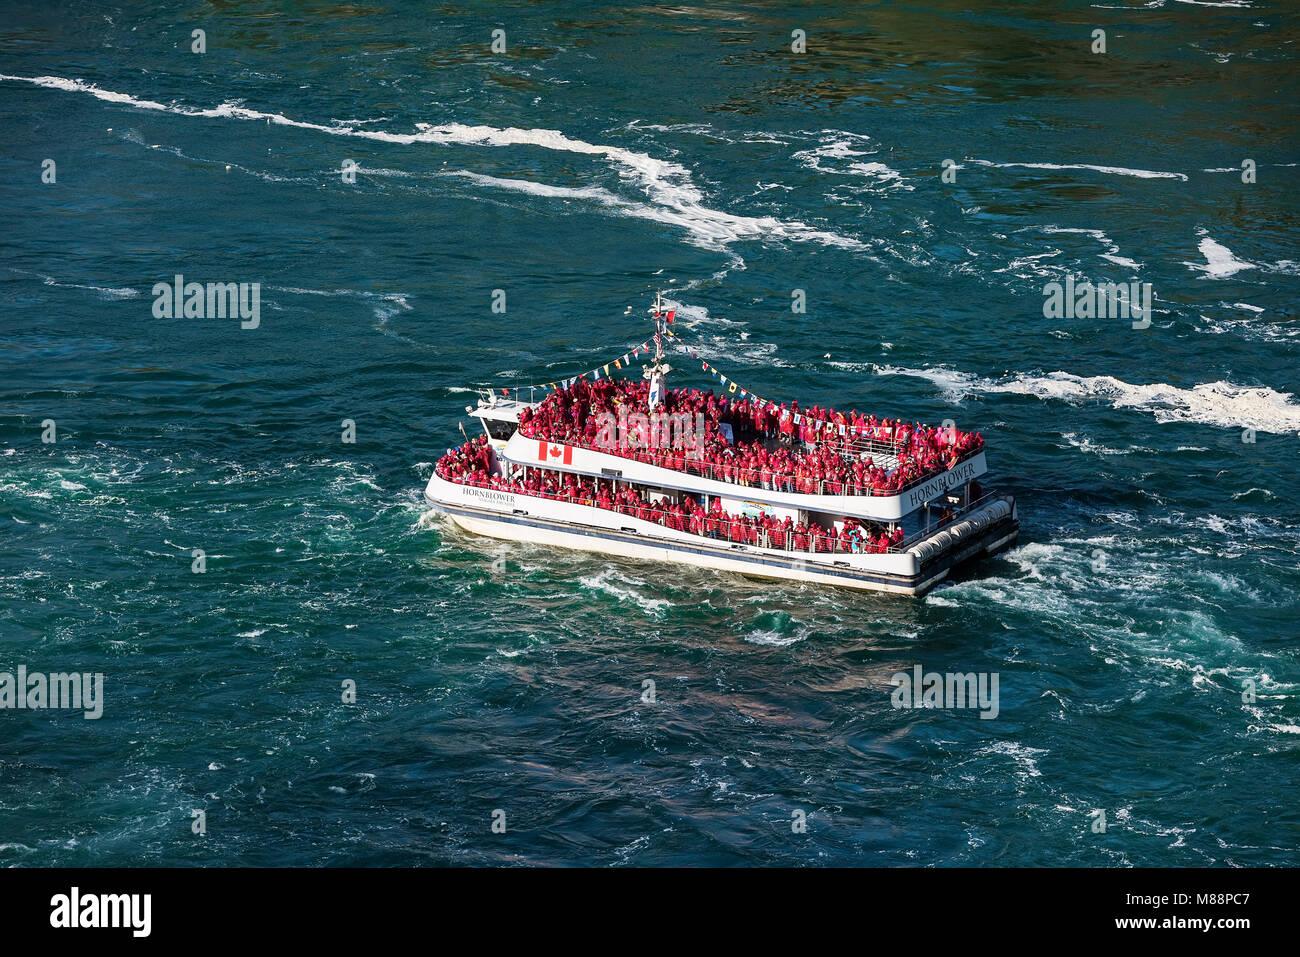 Approches bateau Horseshoe Falls, Niagara Falls, Ontario, Canada Banque D'Images